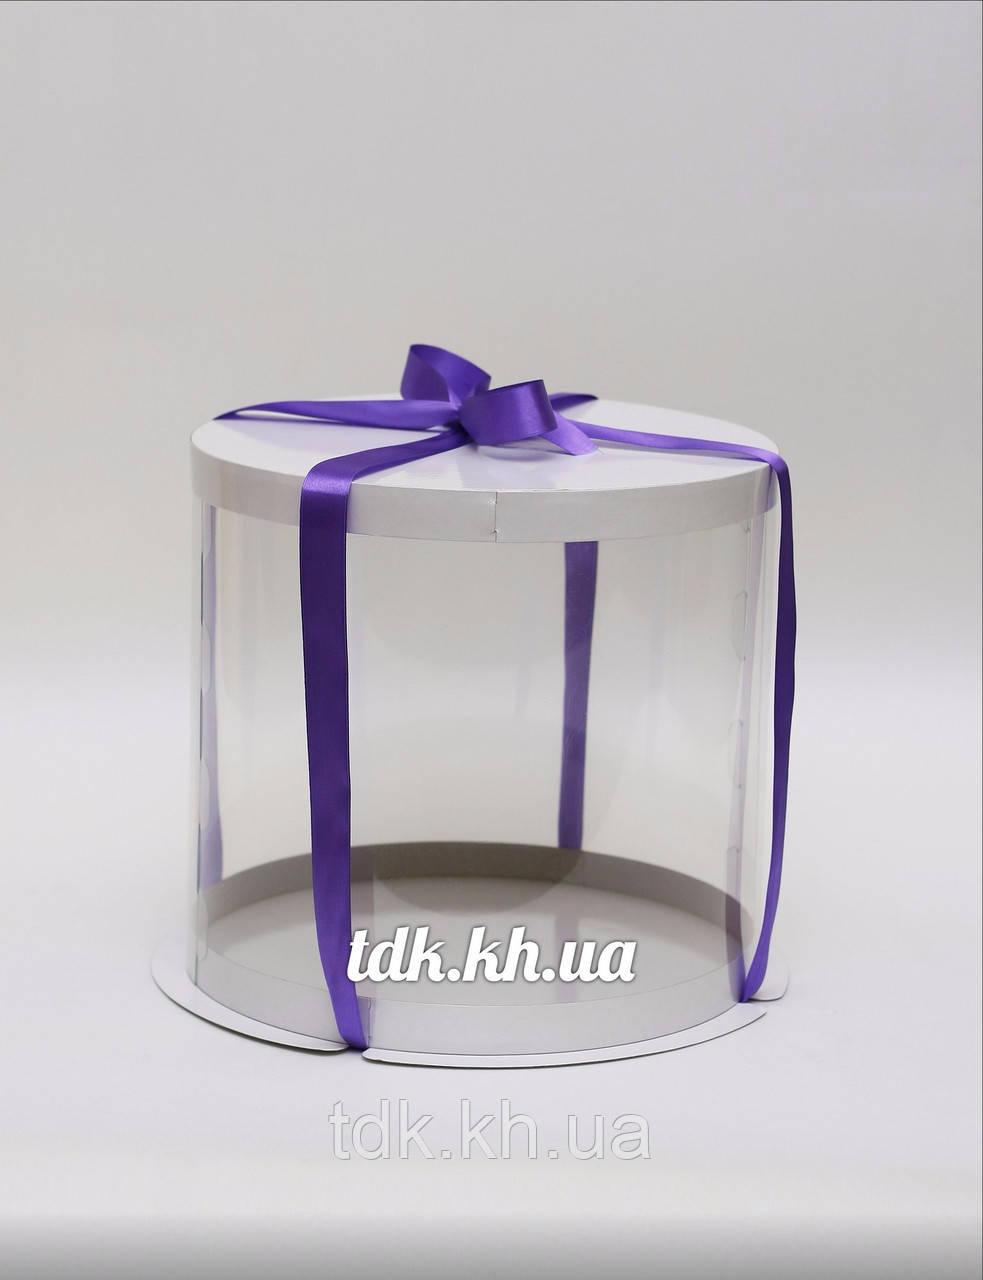 Коробка для торта белая с прозрачной стенкой Ø25 H26